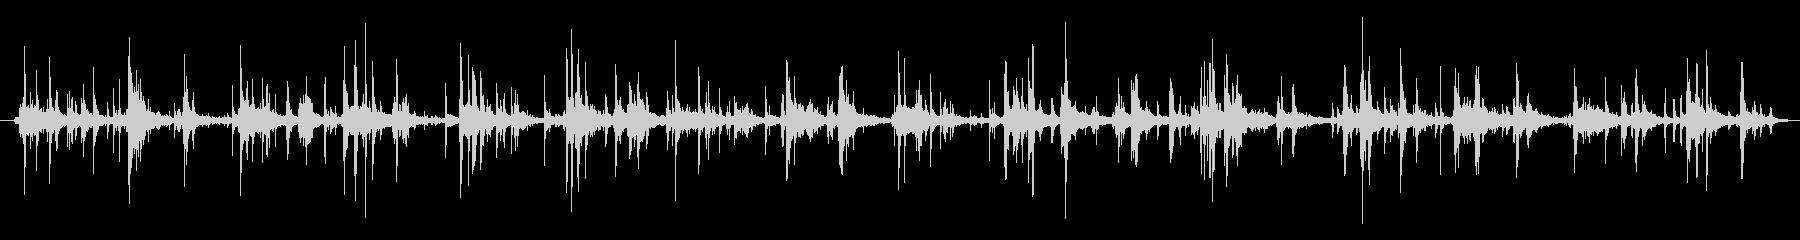 ハーネス ウォークシーケンス03の未再生の波形